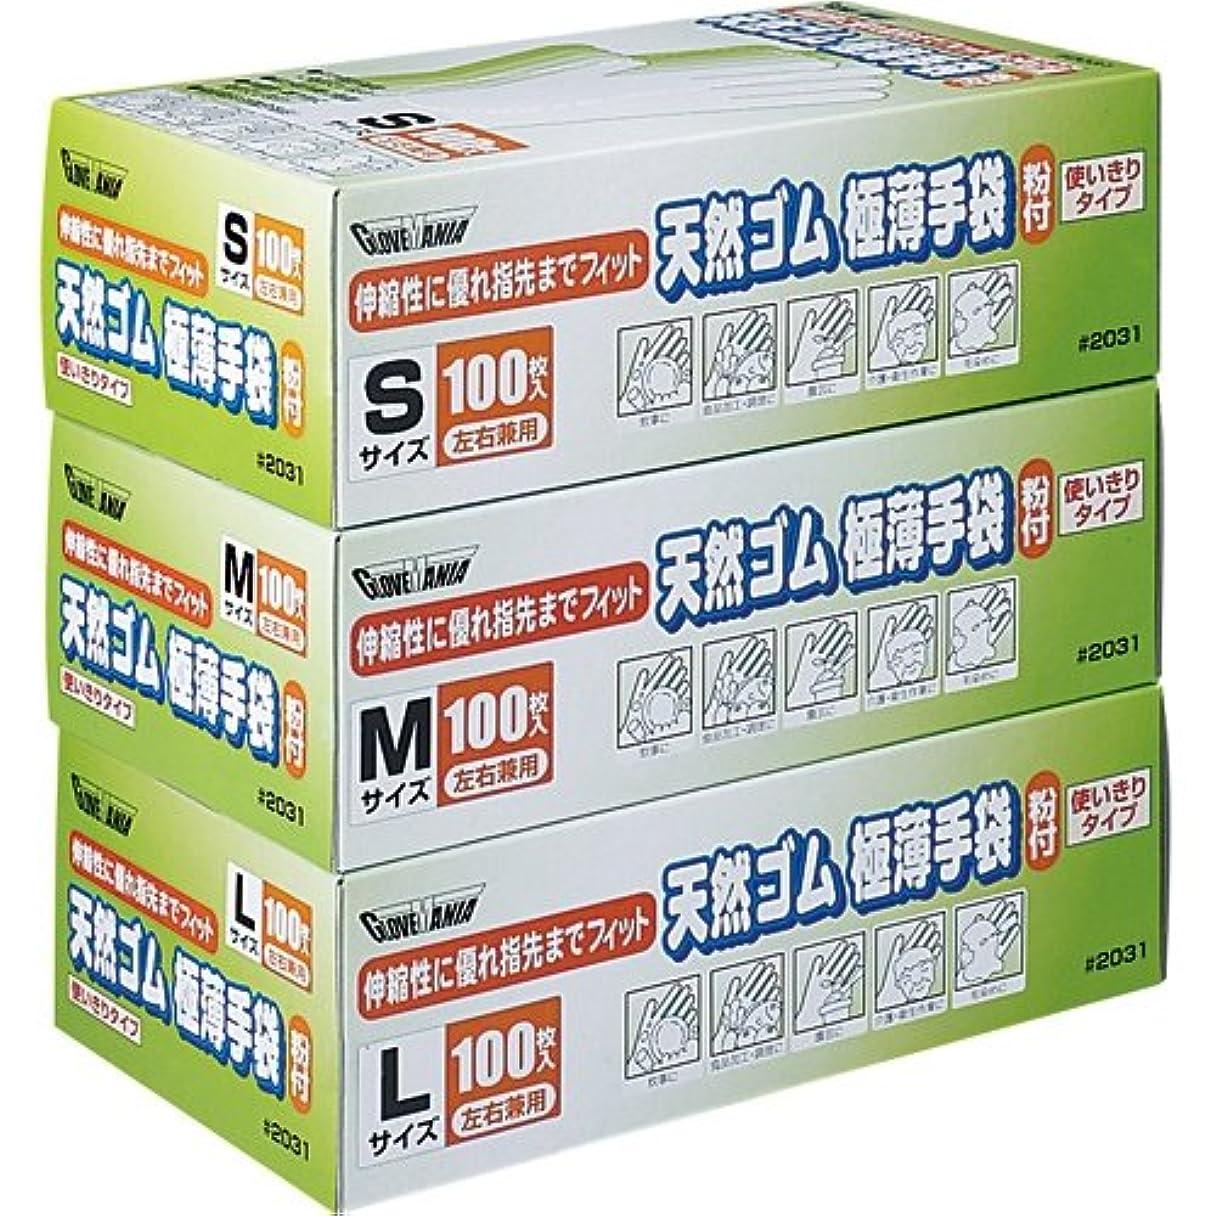 法的耐えられないなんでも川西工業 天然ゴム極薄手袋 粉付 M #2031 1セット(1000枚:100枚×10箱)